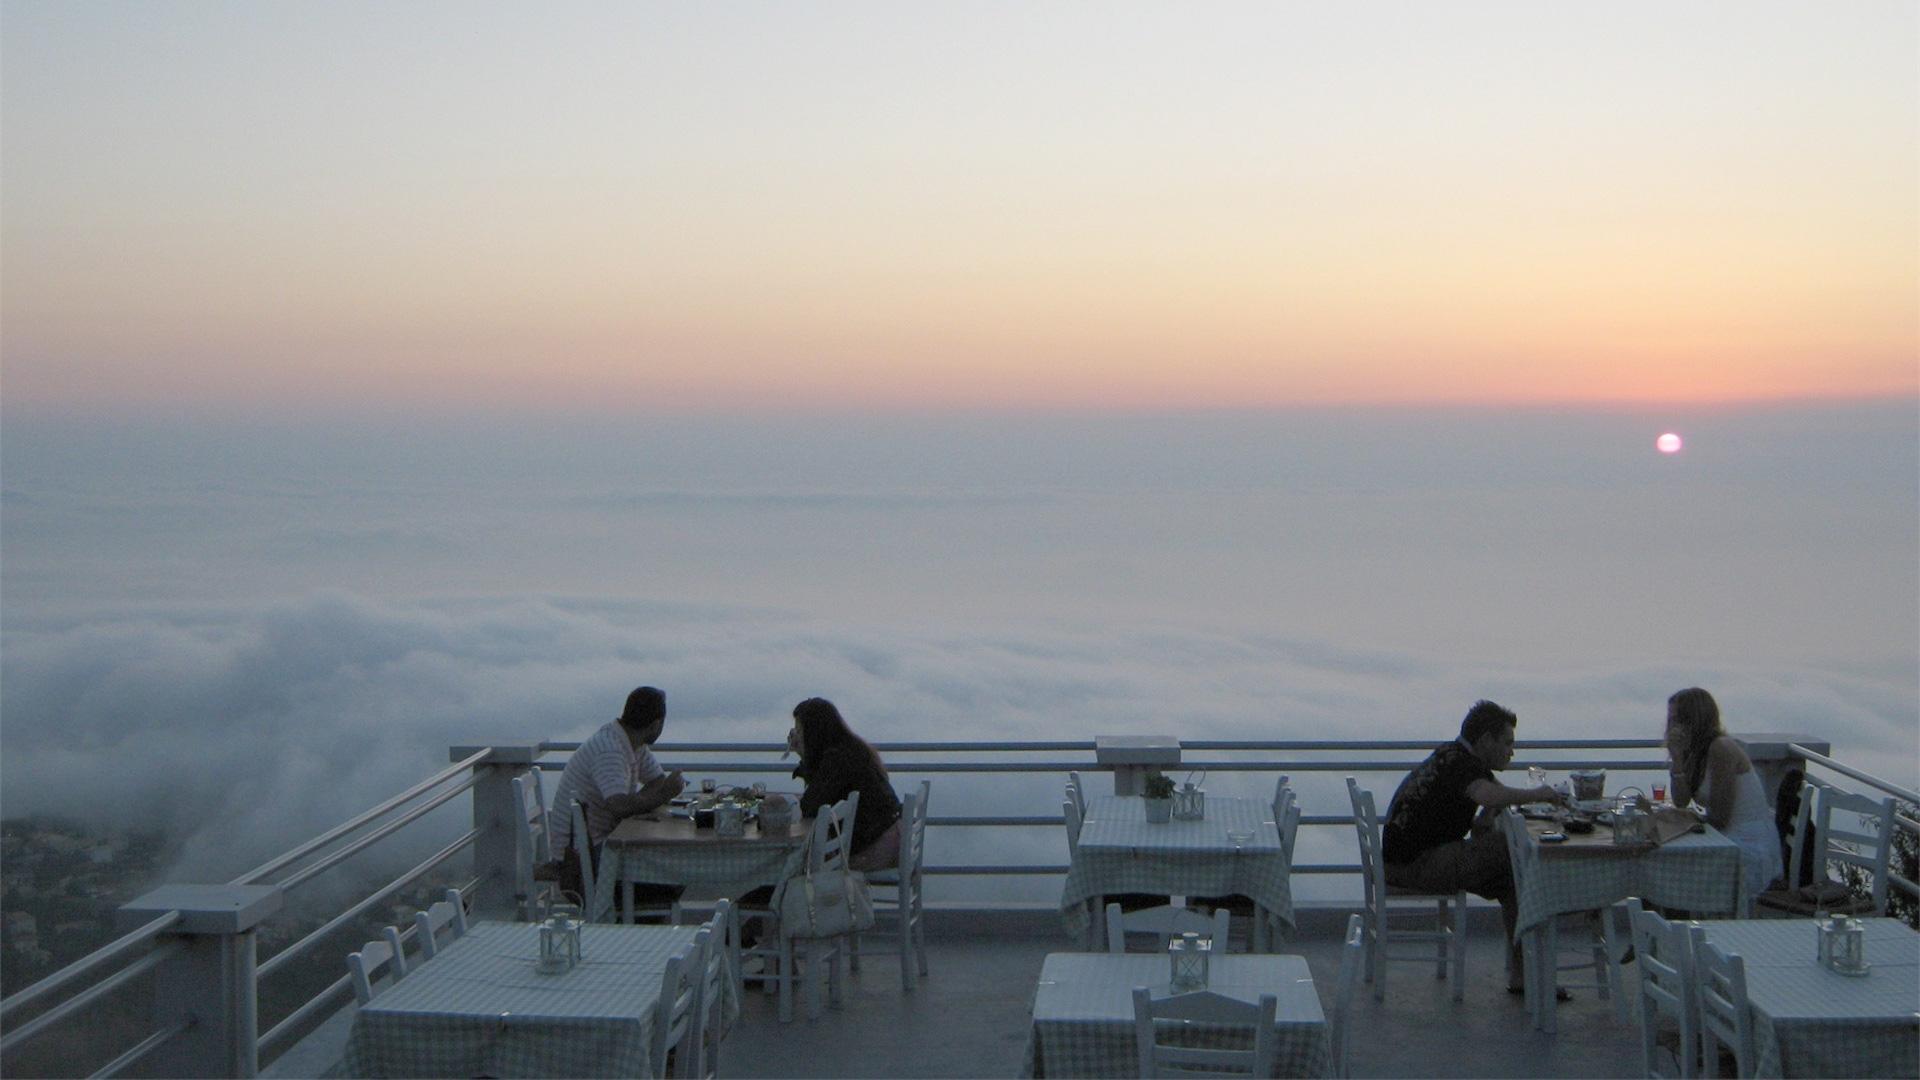 Rachi, Food & More - Lefkada island